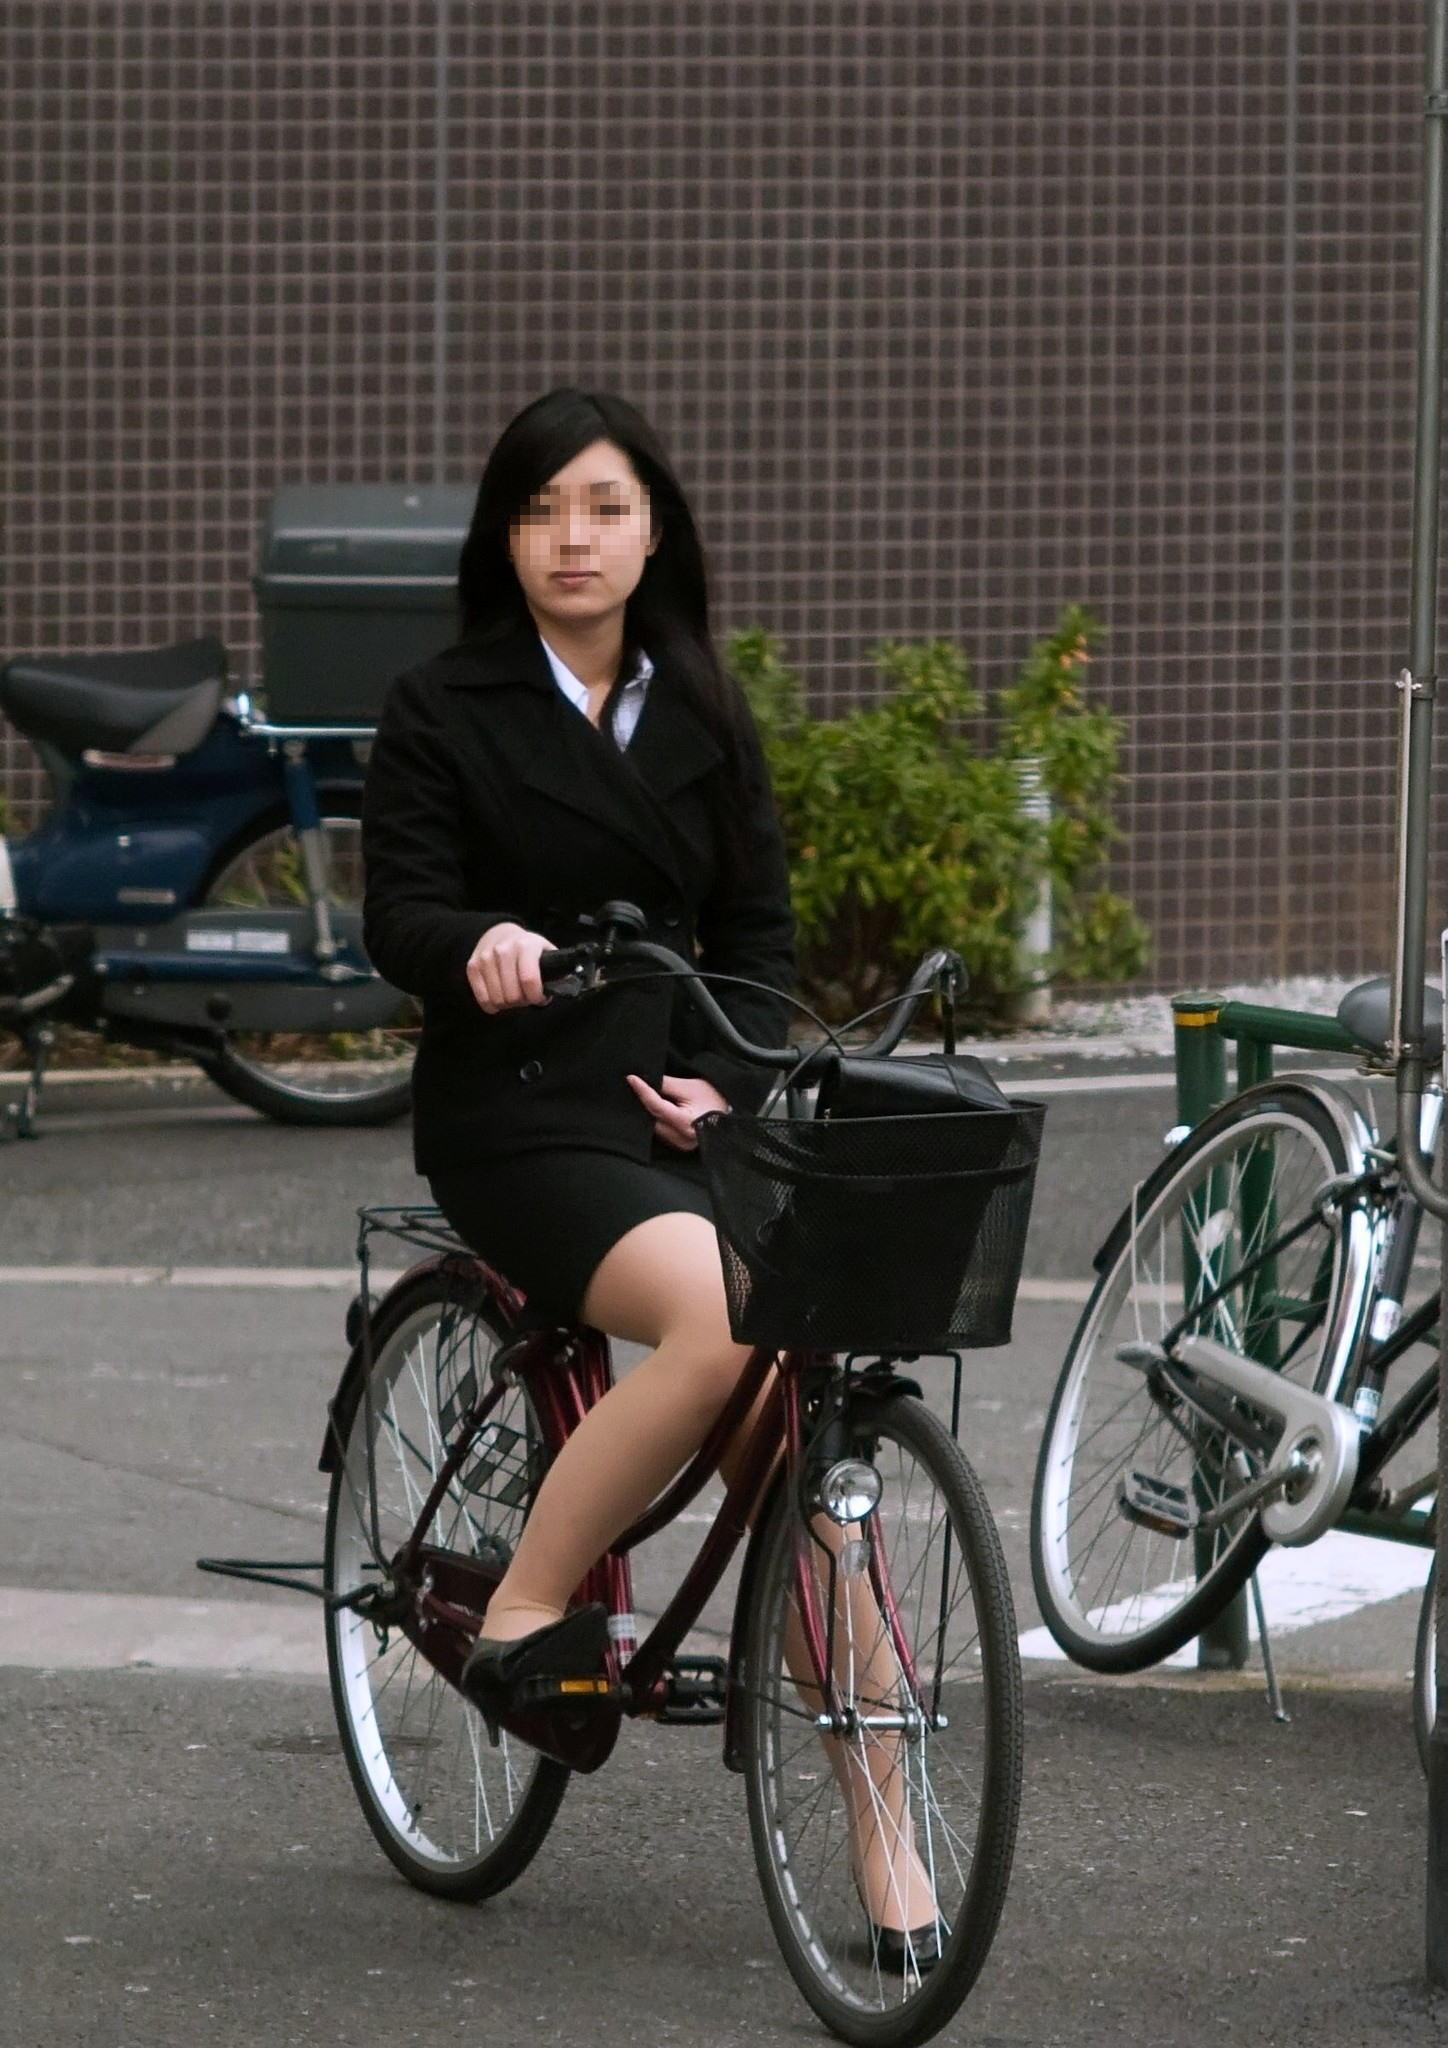 素人OLの通勤自転車でタイトミニがずり上がる露出盗撮エロ画像14枚目